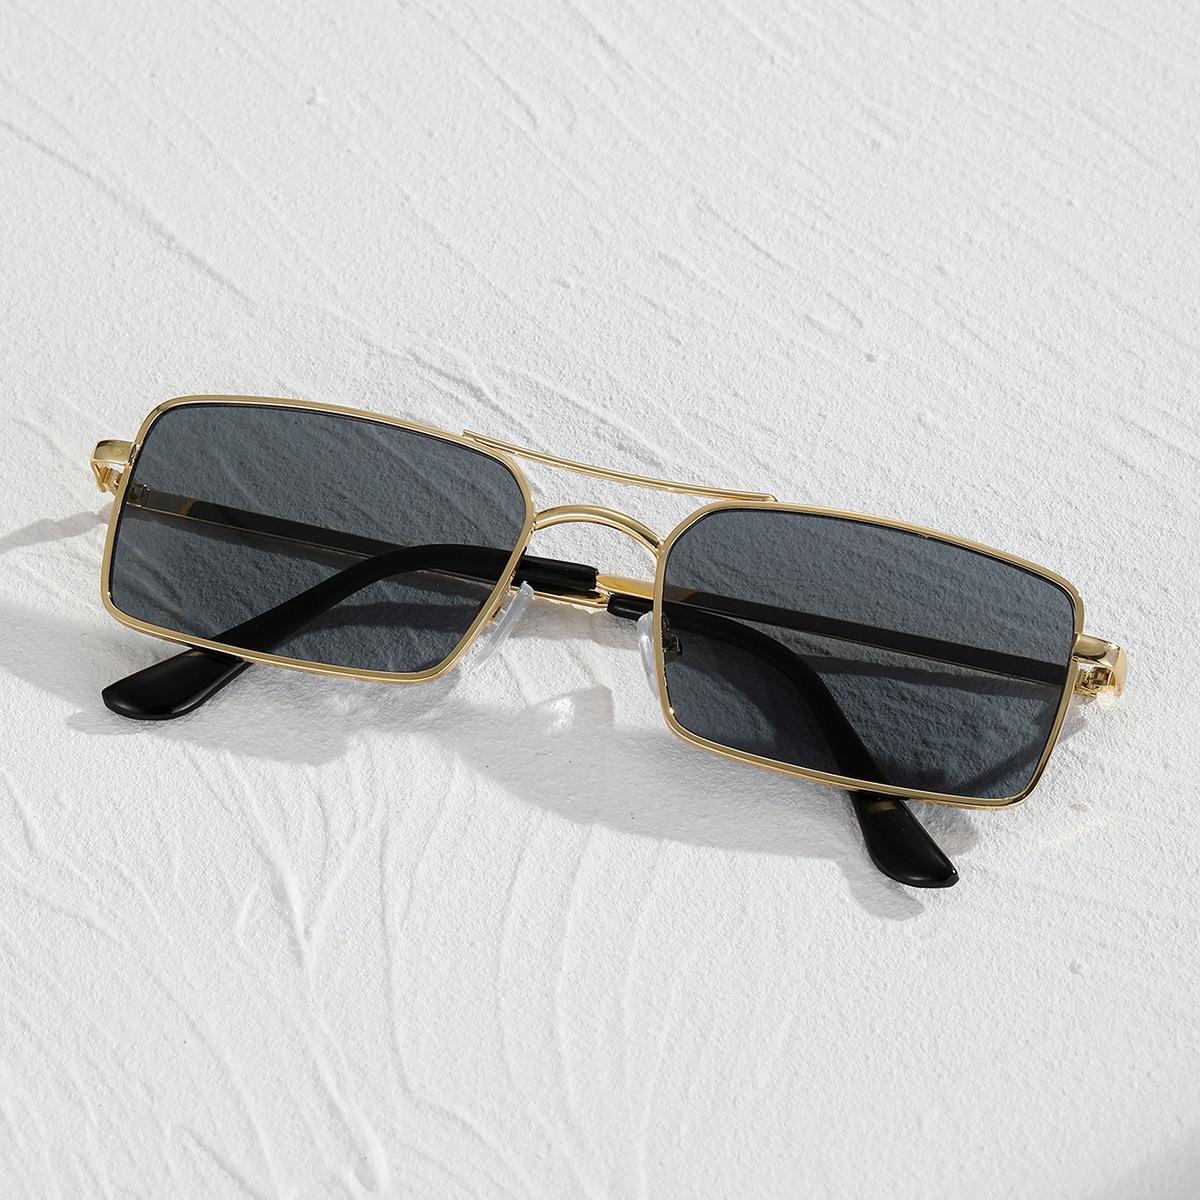 shein Rechthoekige Len heren zonnebril met metalen montuur